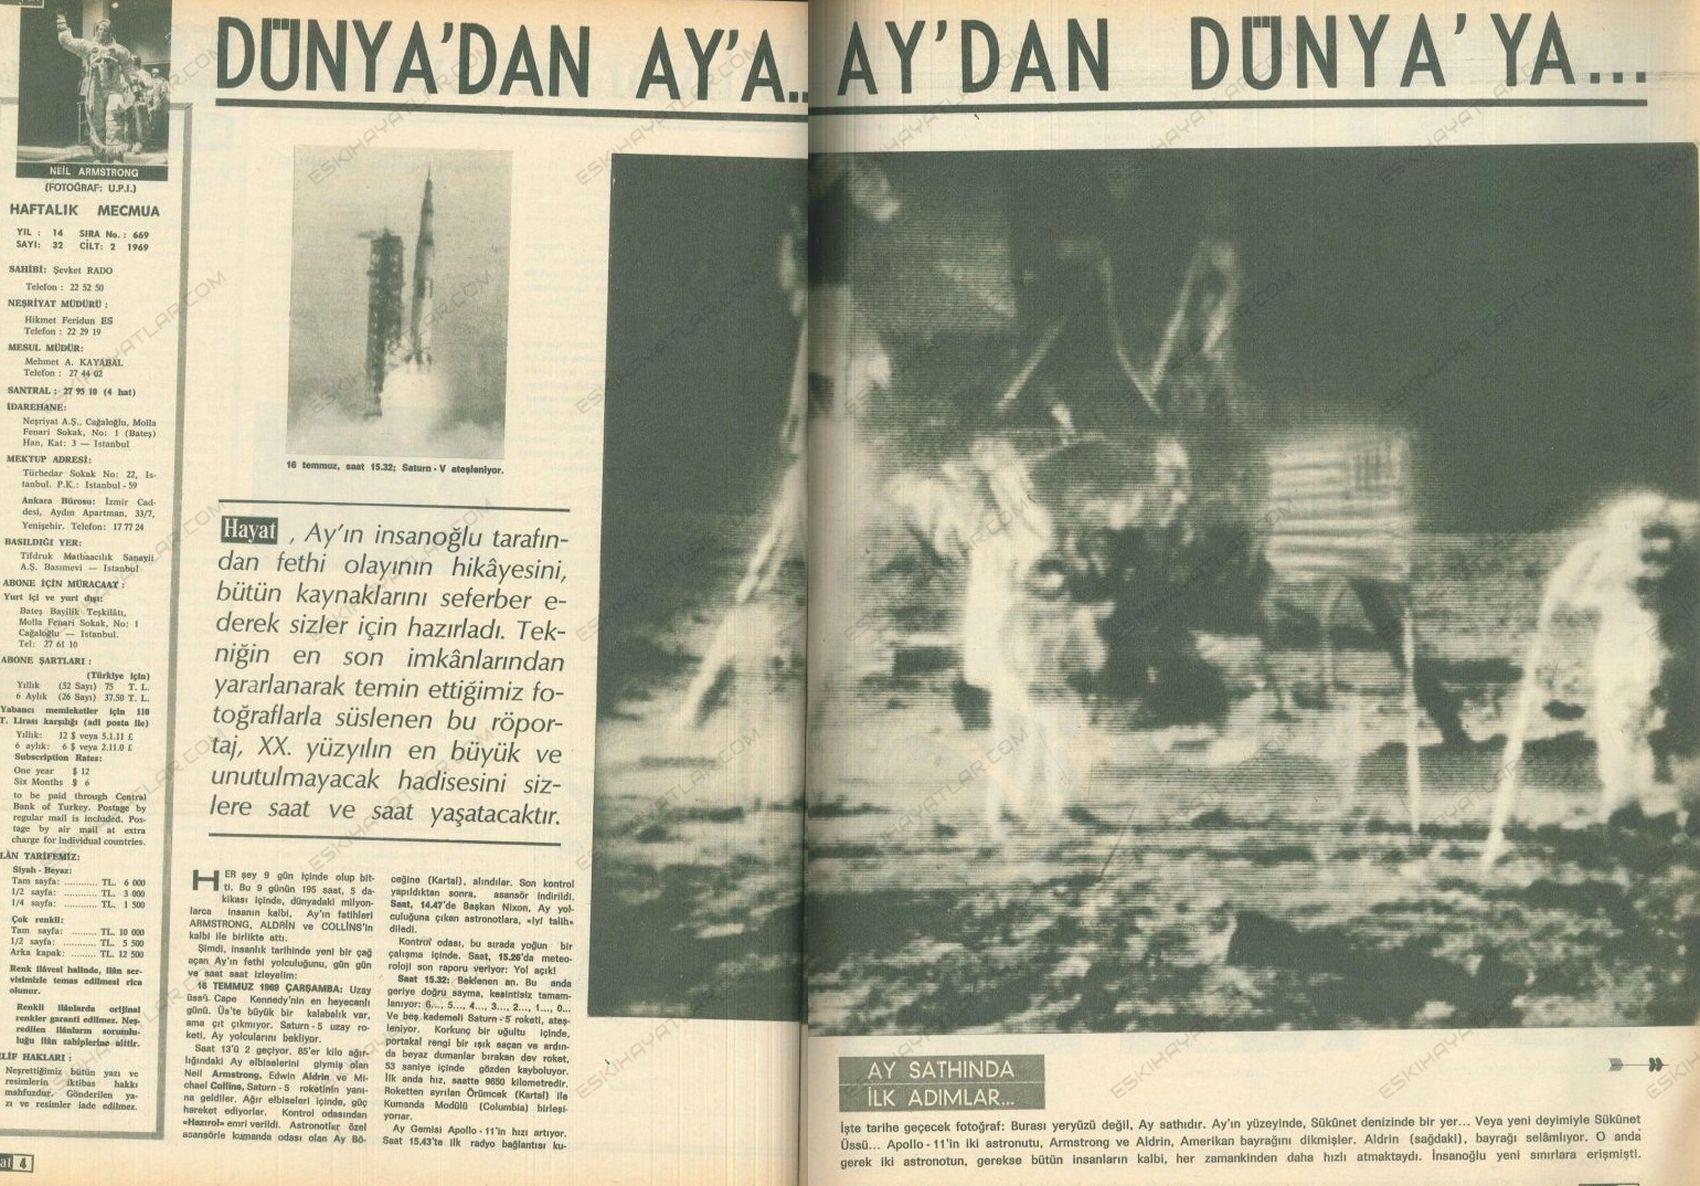 0210-apollo-10-ve-uc-kisilik-murettebati-aya-ulasti-neil-armstrong-1969-hayat-dergisi (6)